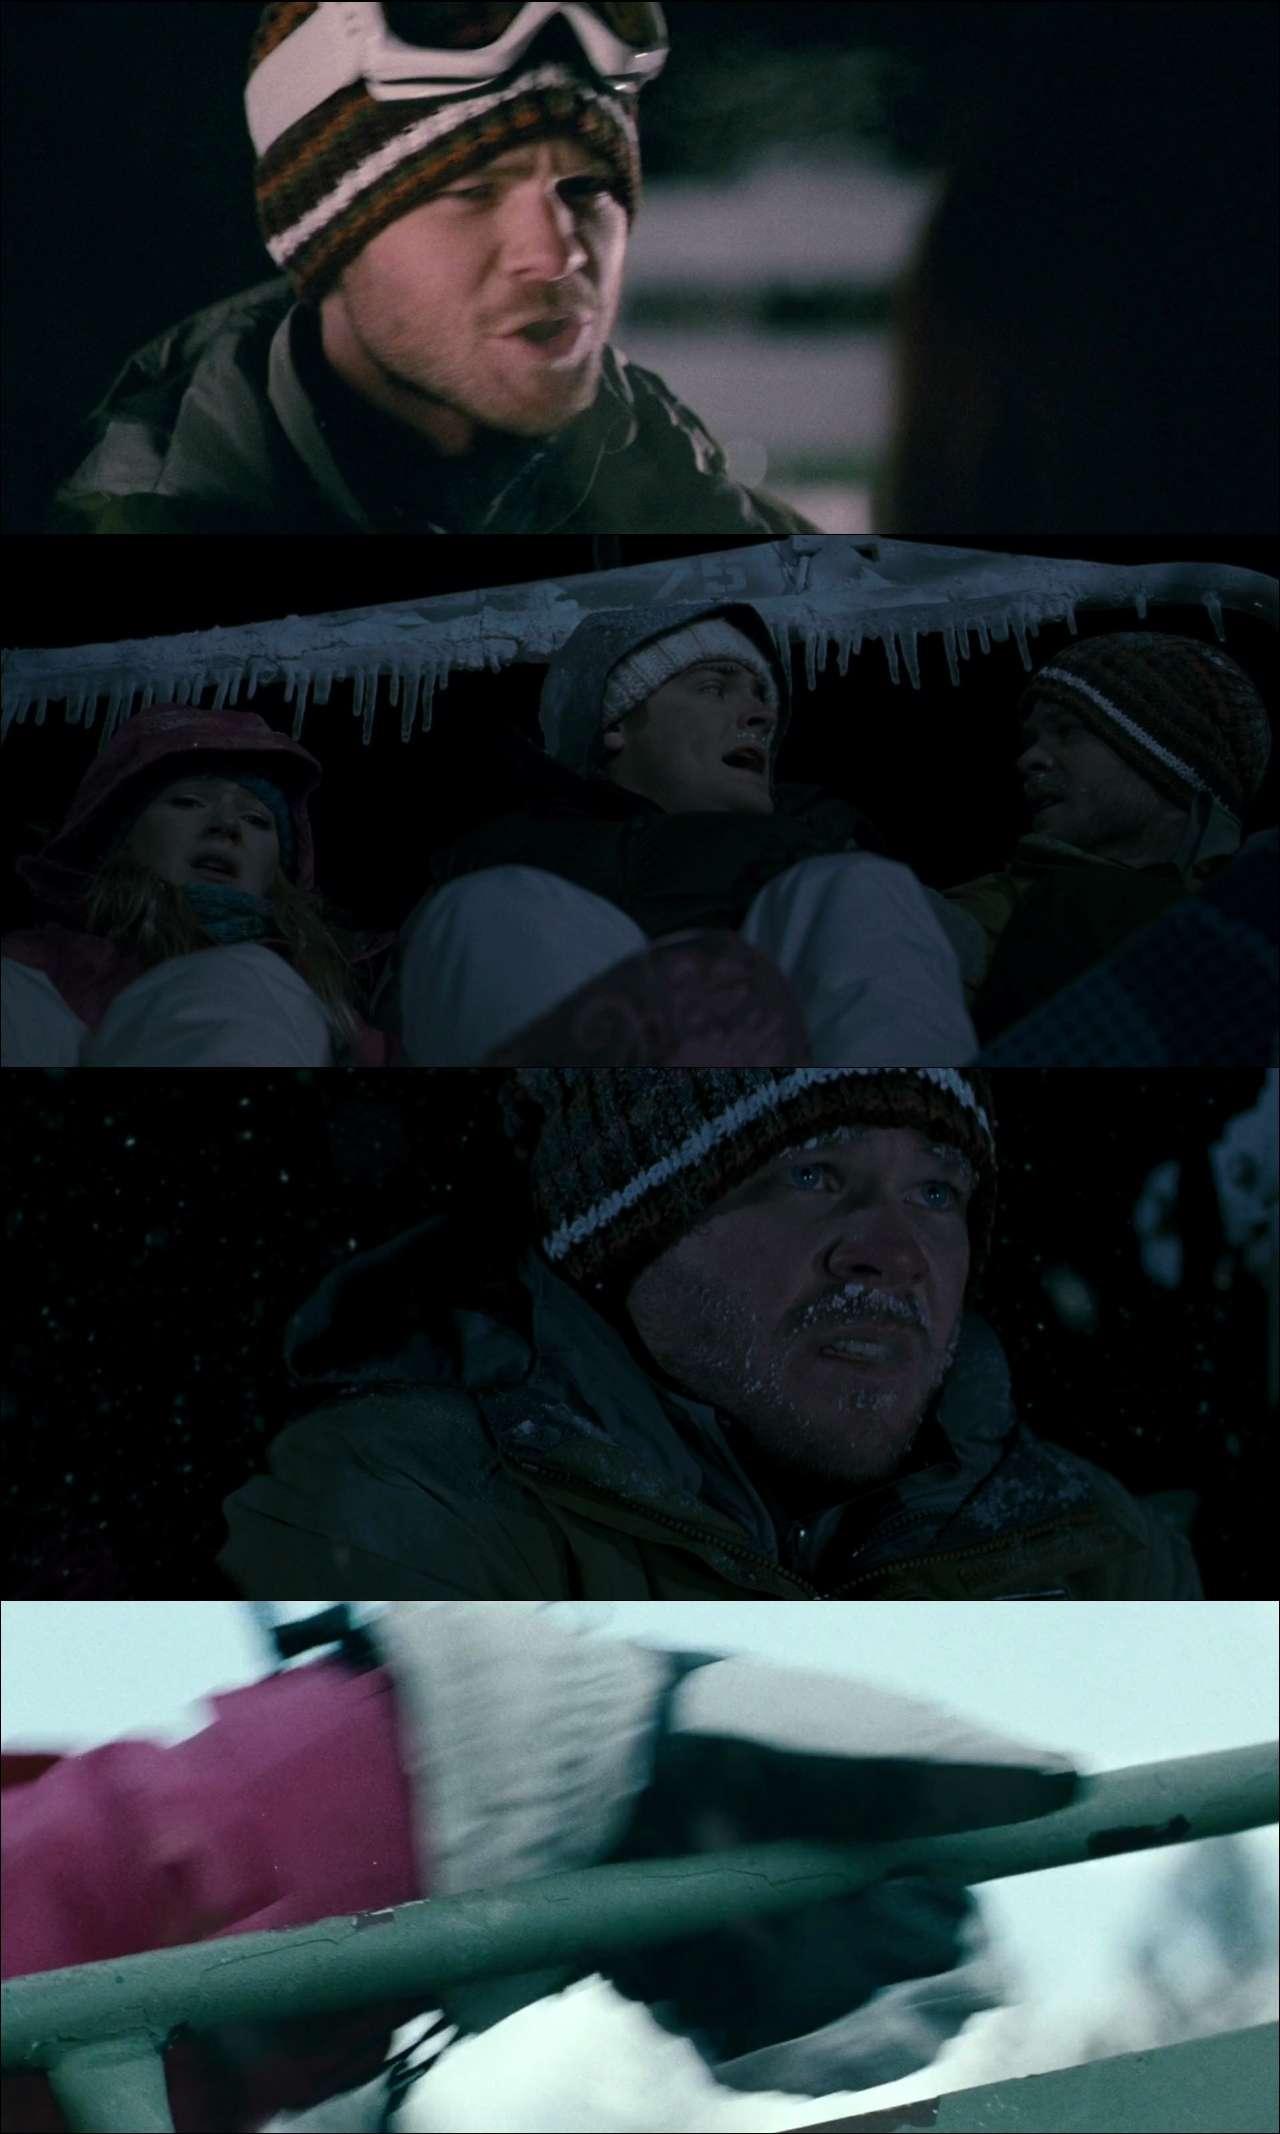 Donmuş - Frozen (2010) türkçe dublaj film indir